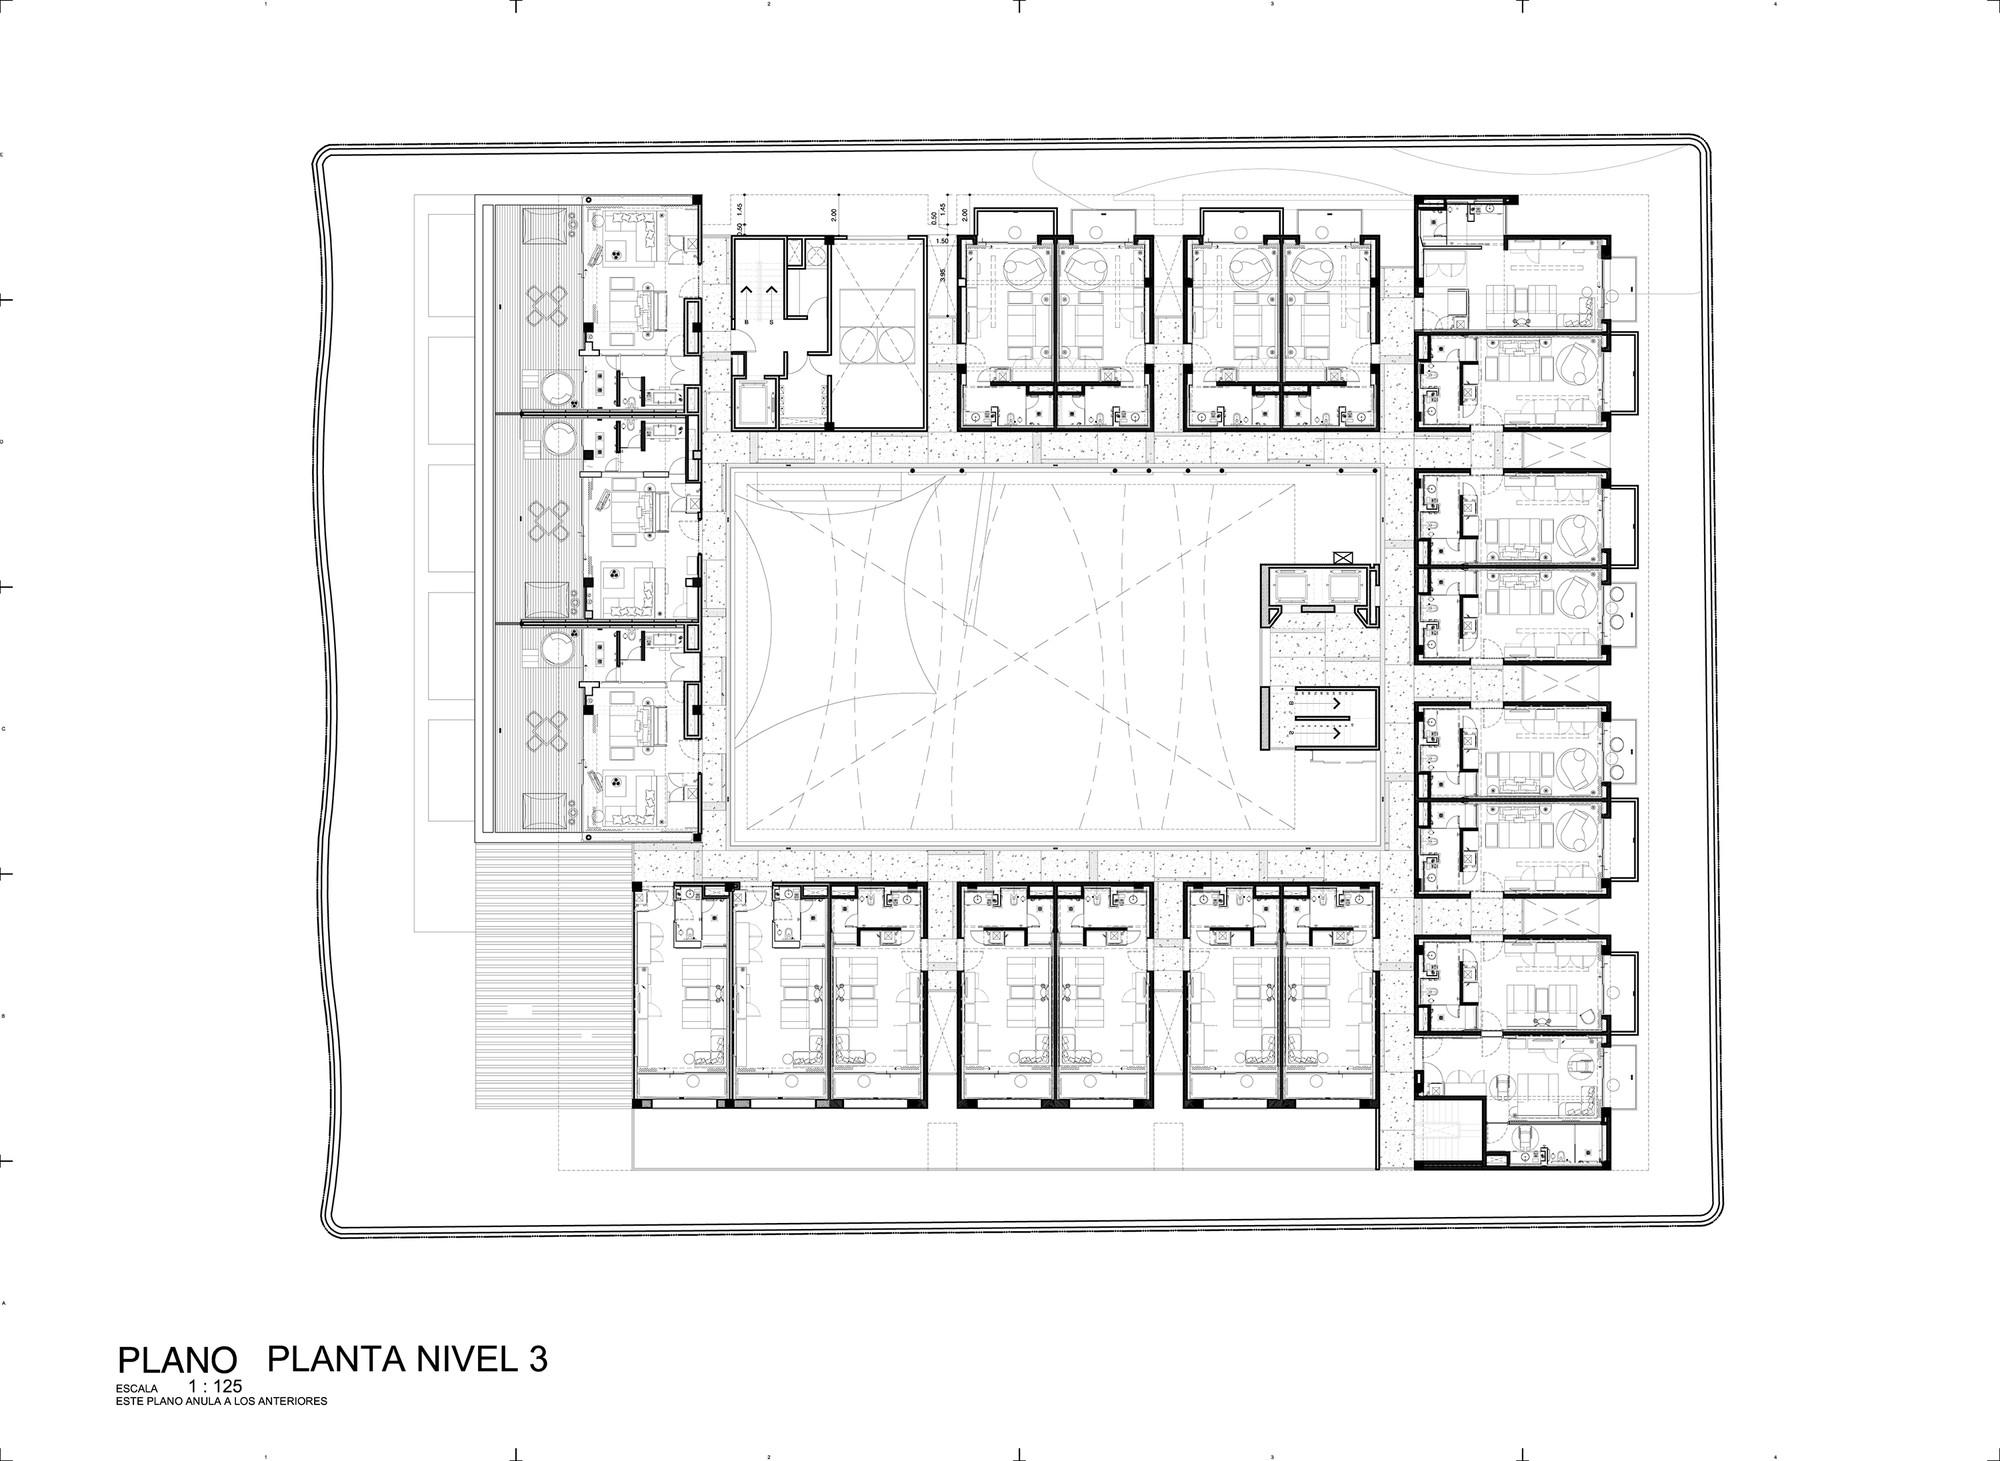 Galer a de hotel boutique cacao rdlp arquitectos 31 for Hoteles en planta